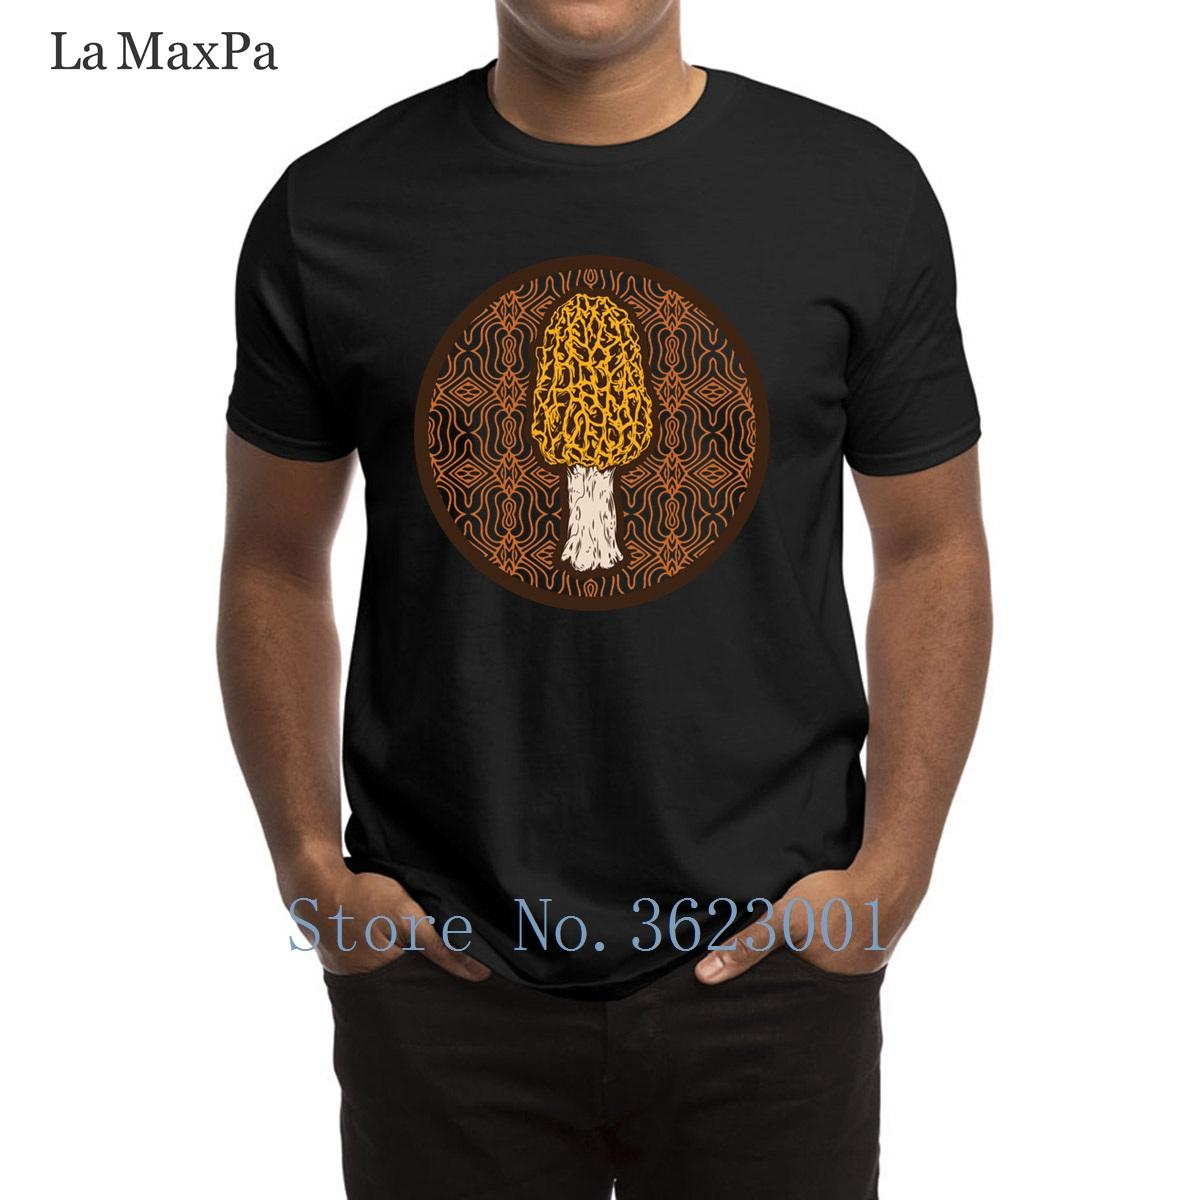 Morchella T Shirt T-shirt stampata di svago degli uomini per gli uomini Trendy Costume Tee Shirt Umorismo Plus Size 3XL maglietta per gli uomini Hip Hop